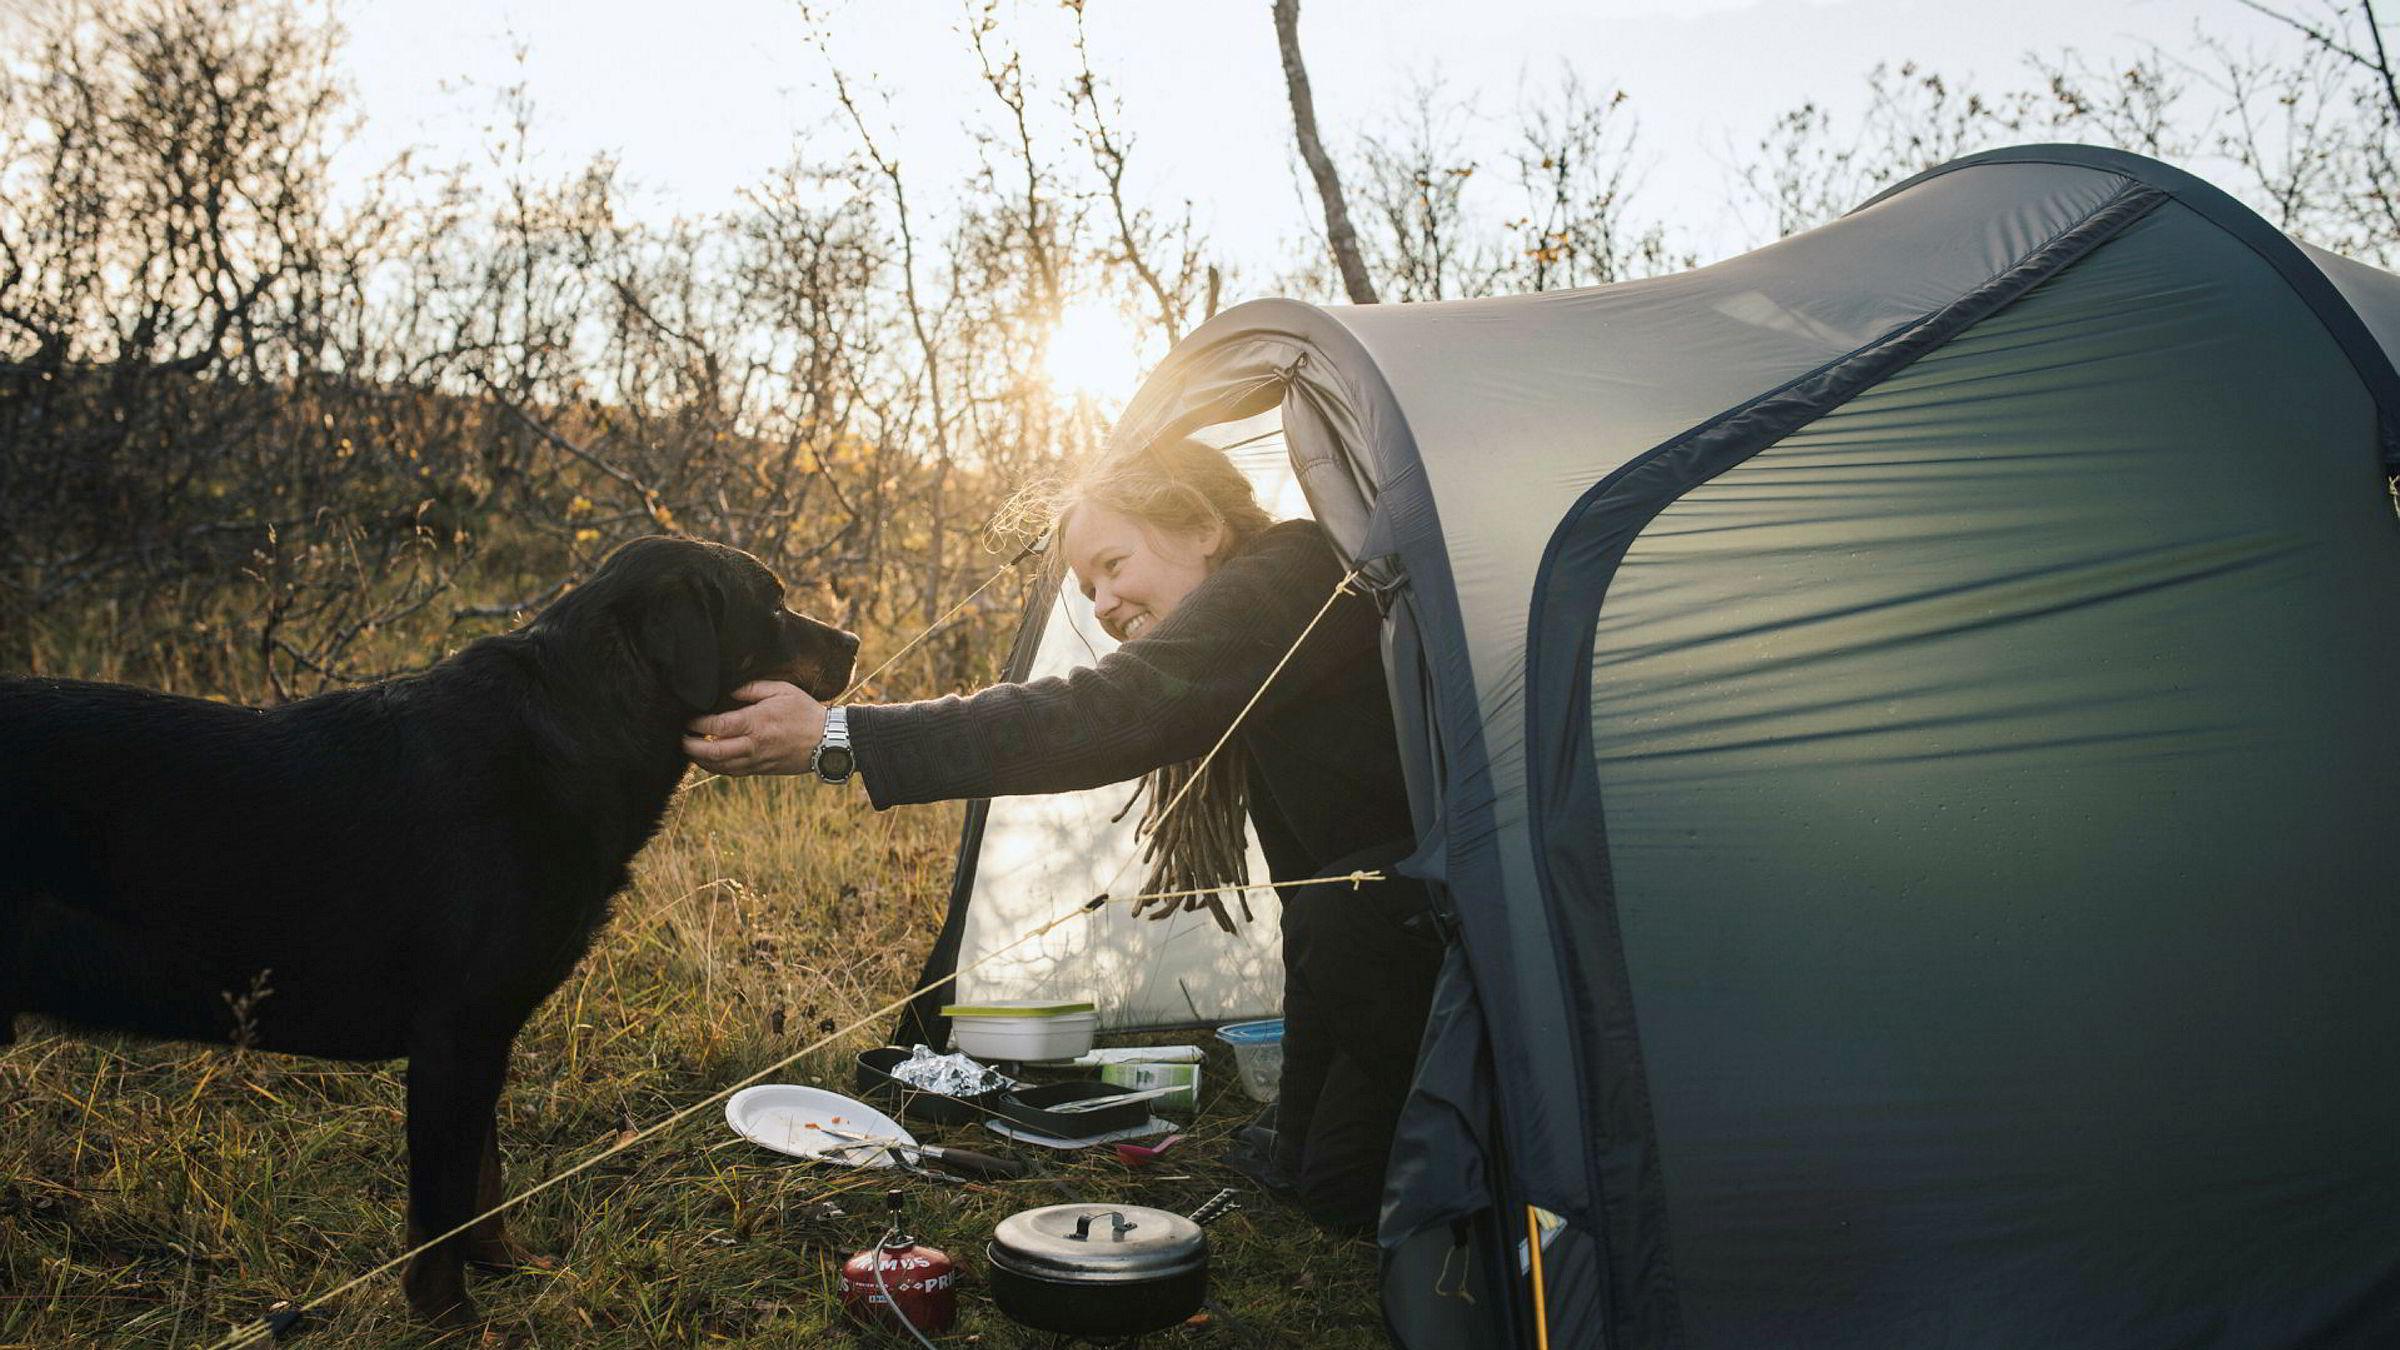 Ingenting er bedre for Therese Norman Andersen enn teltturer med turkameraten Tellus. På Vannøya i Troms kobler de av.